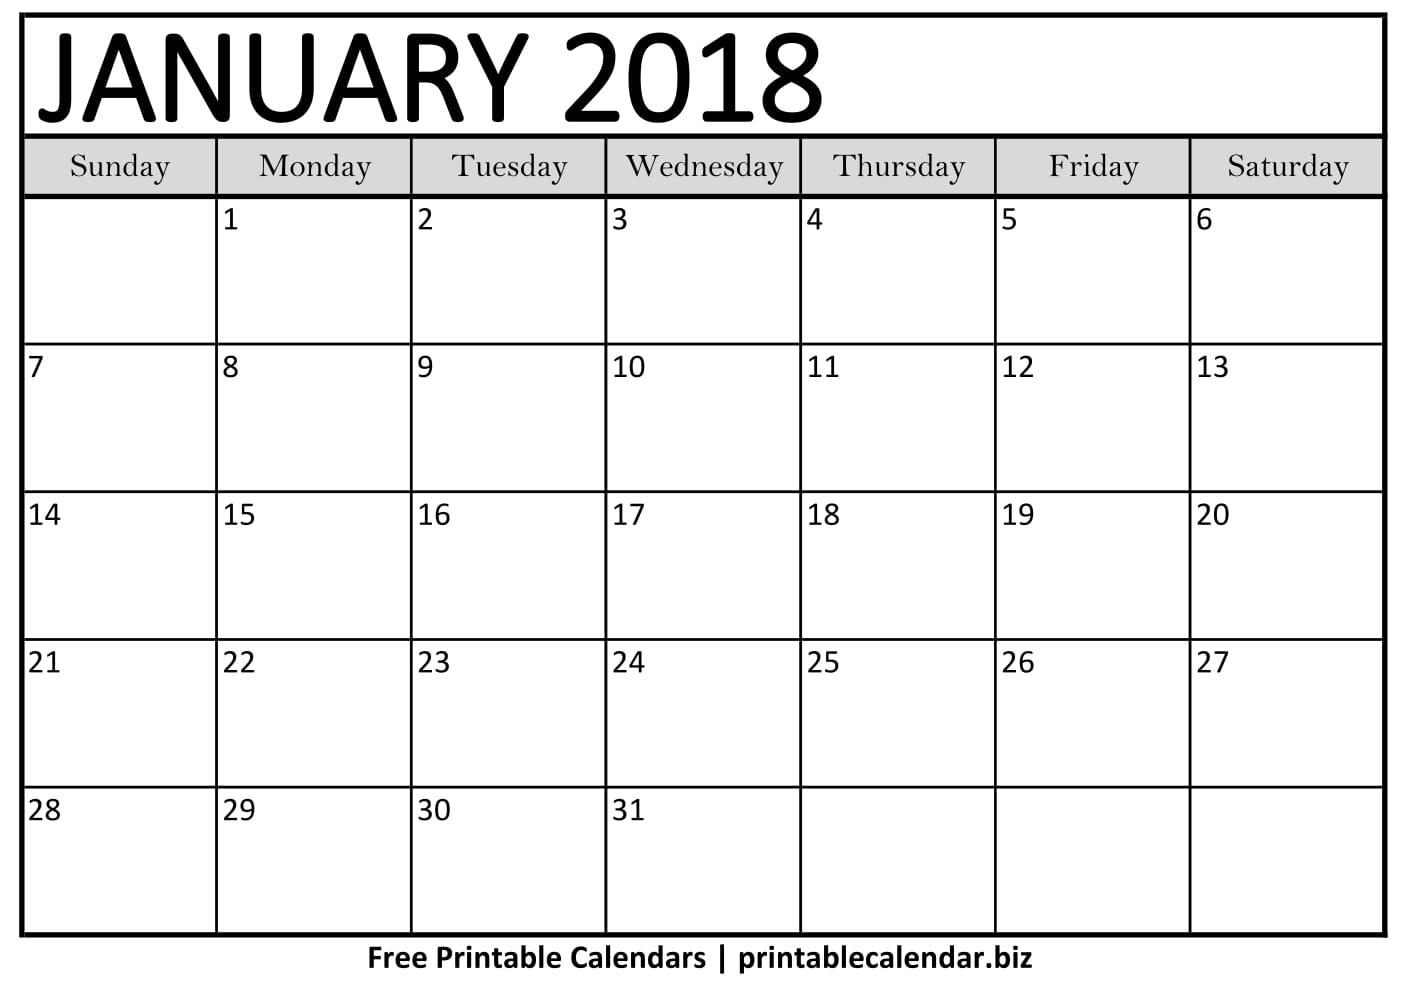 2019 Printable Calendar Templates - Printablecalendar.biz throughout Printable Calendar Template With Lines